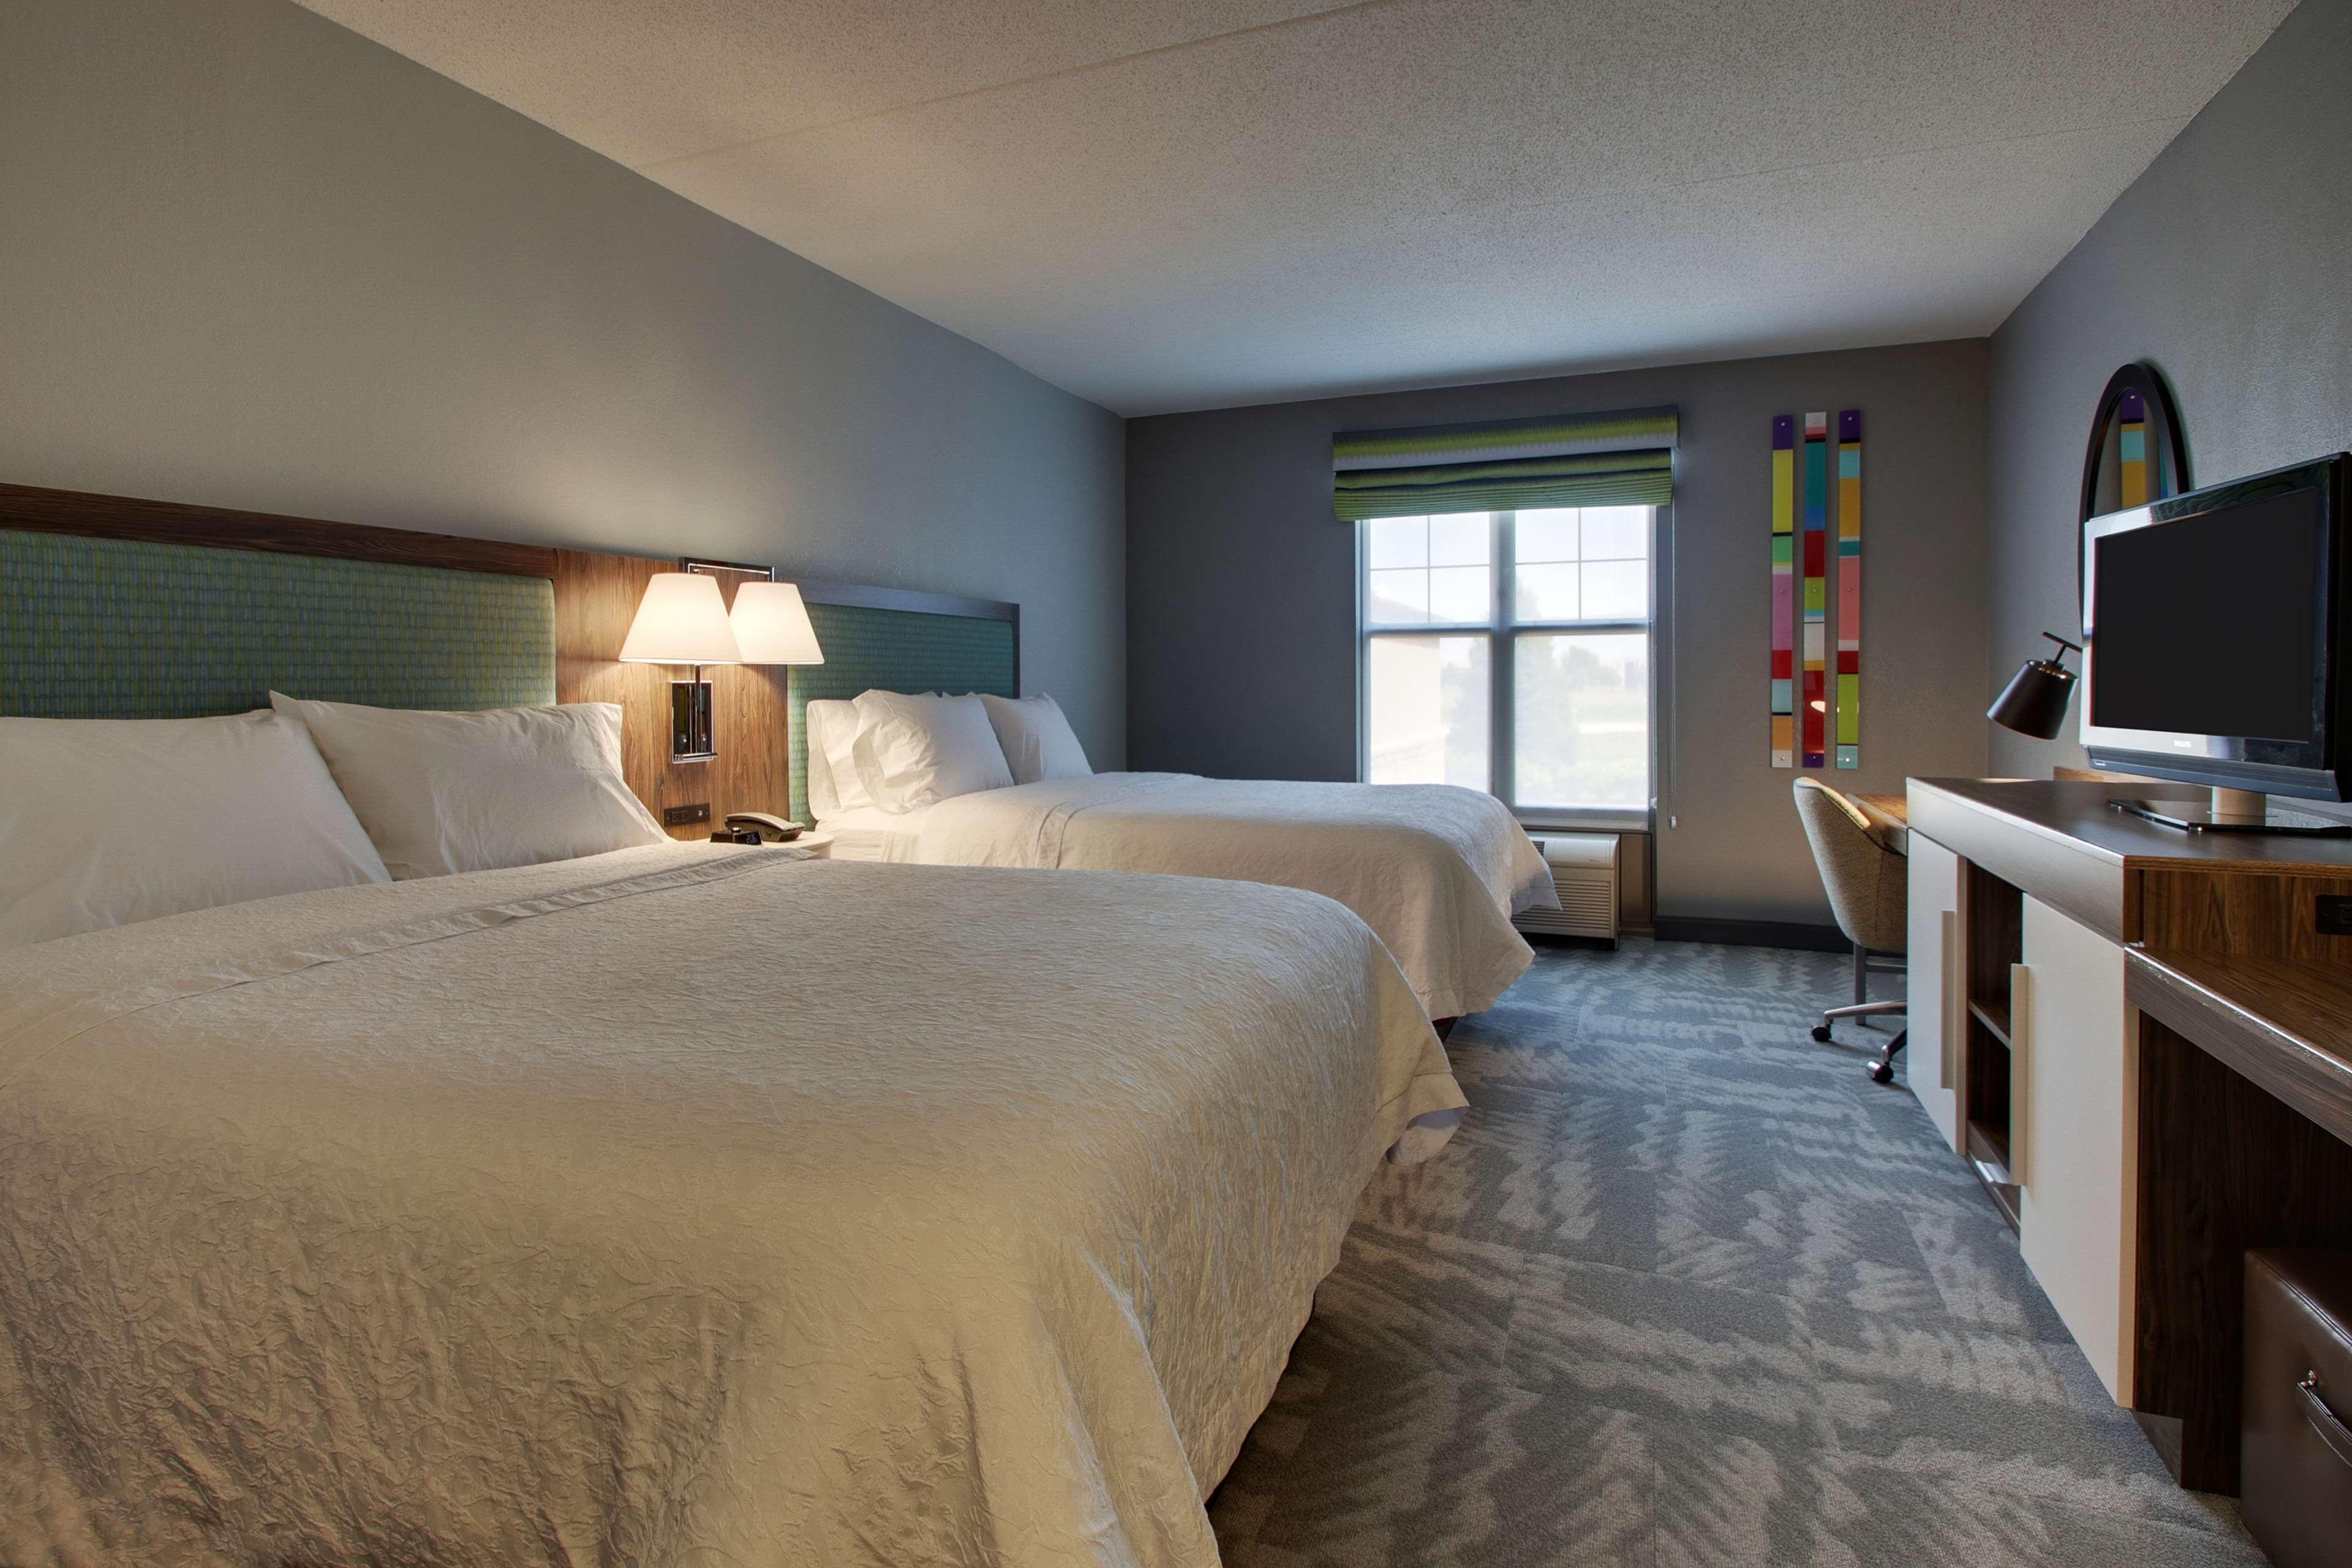 Hampton Inn & Suites Chicago/Aurora image 16